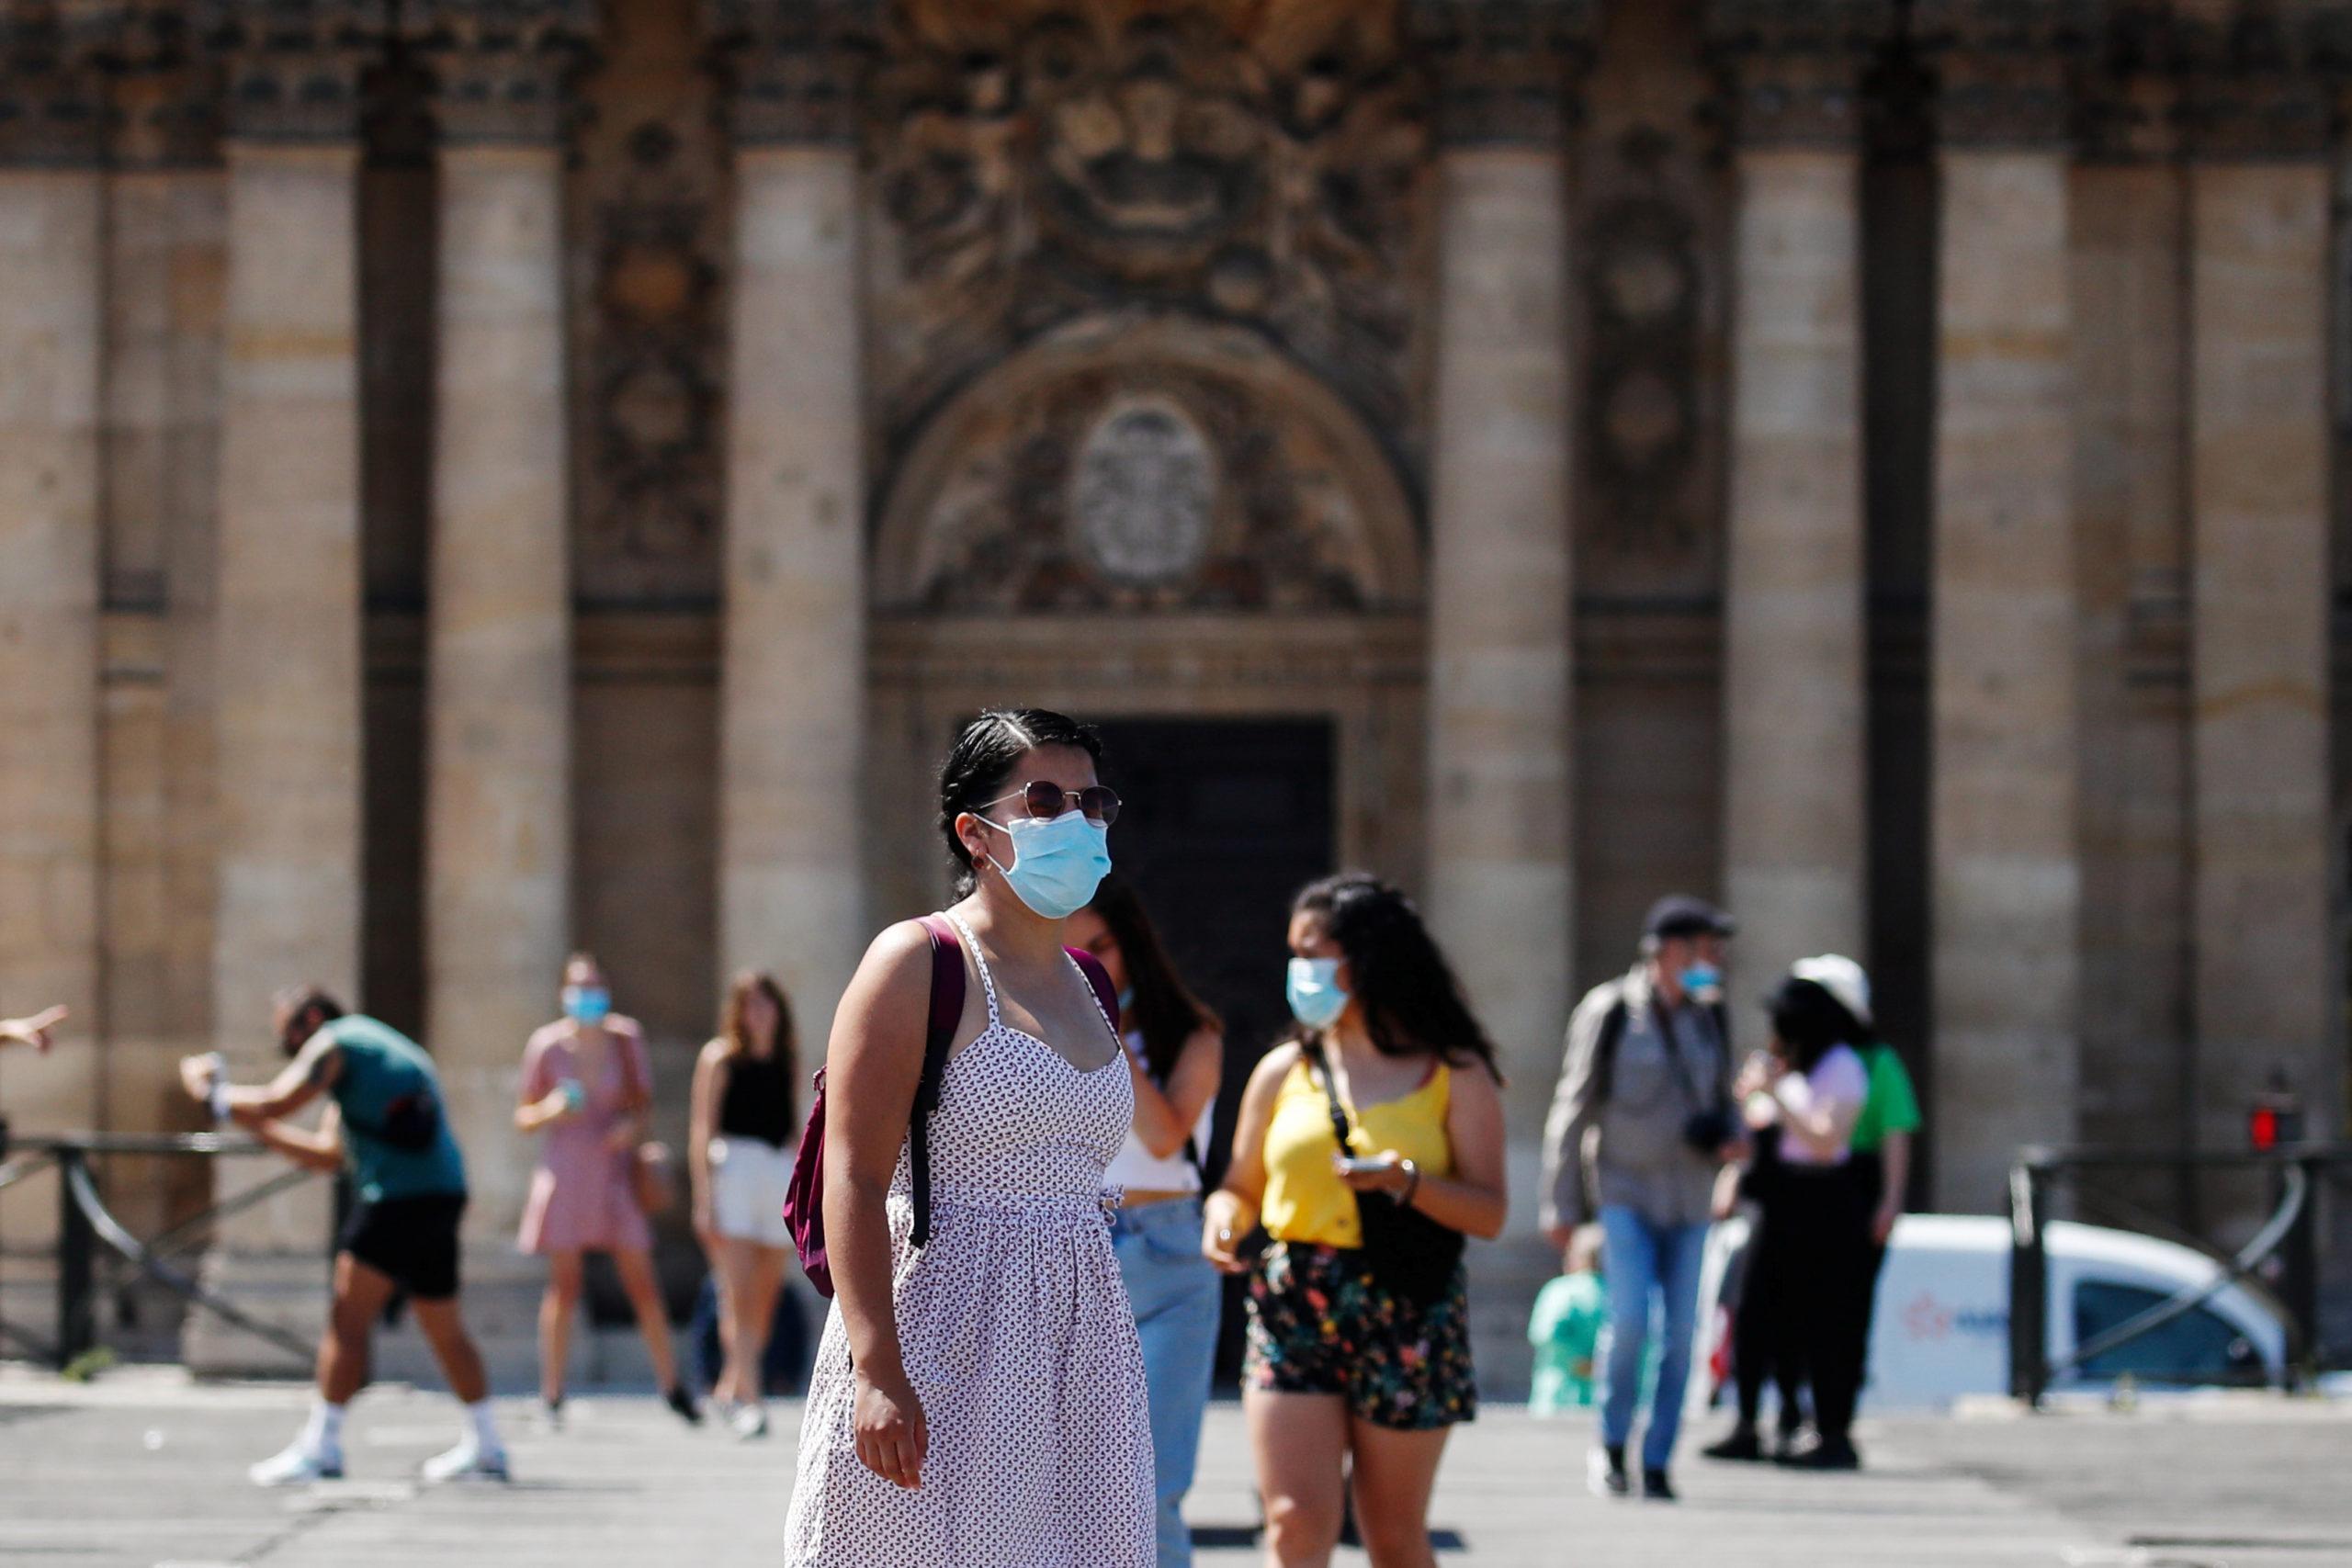 Coronavirus: La situation se dégrade en France, 2.288 nouveaux cas